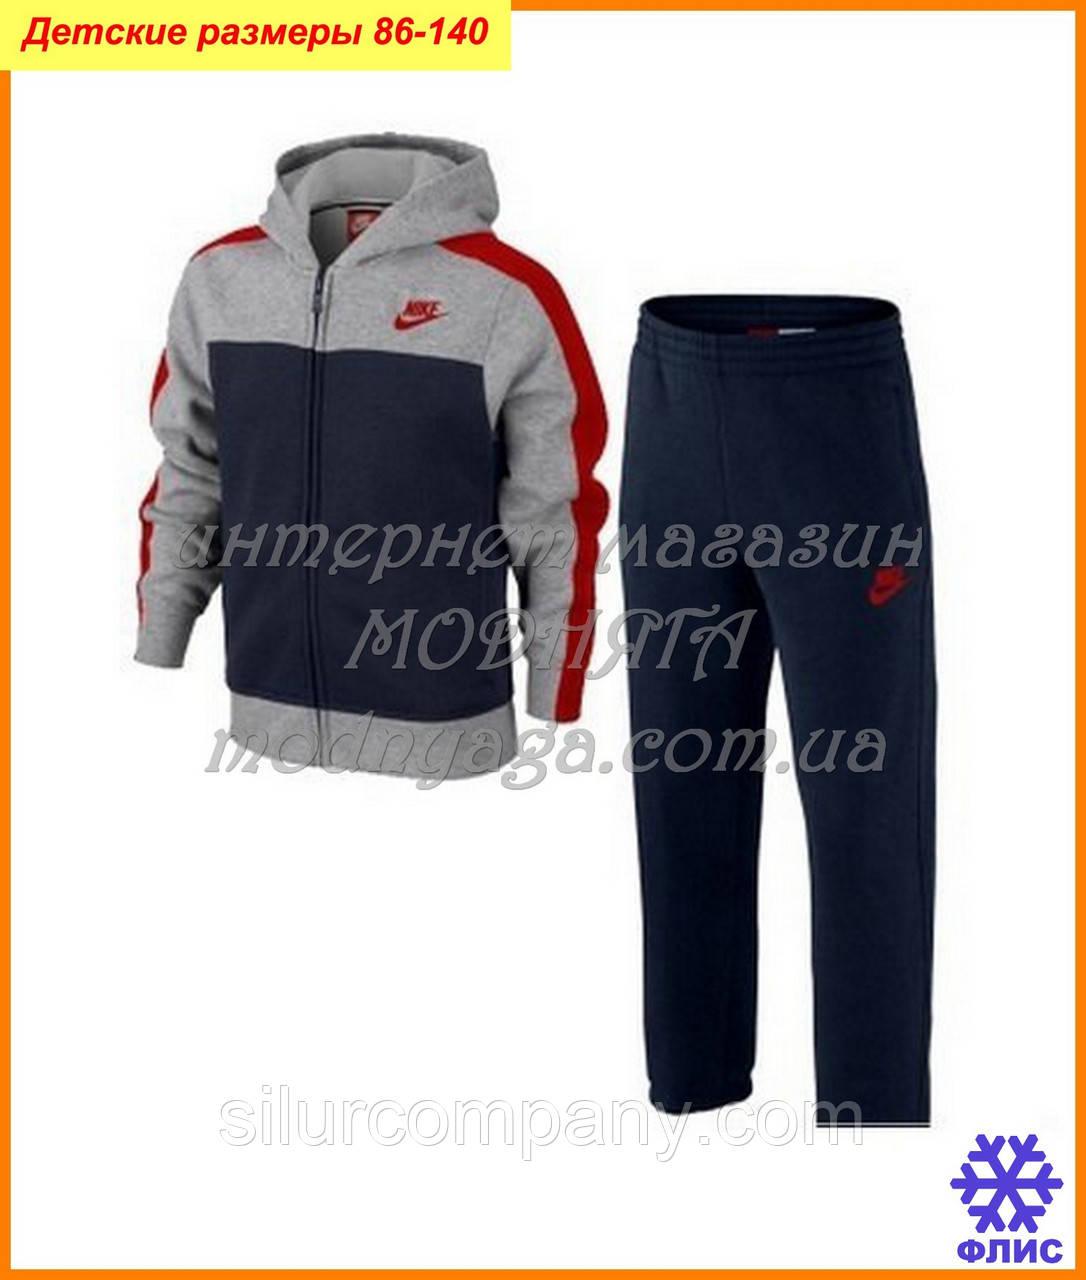 Спортивный костюм nike для детей   зимняя одежда найк - Интернет магазин